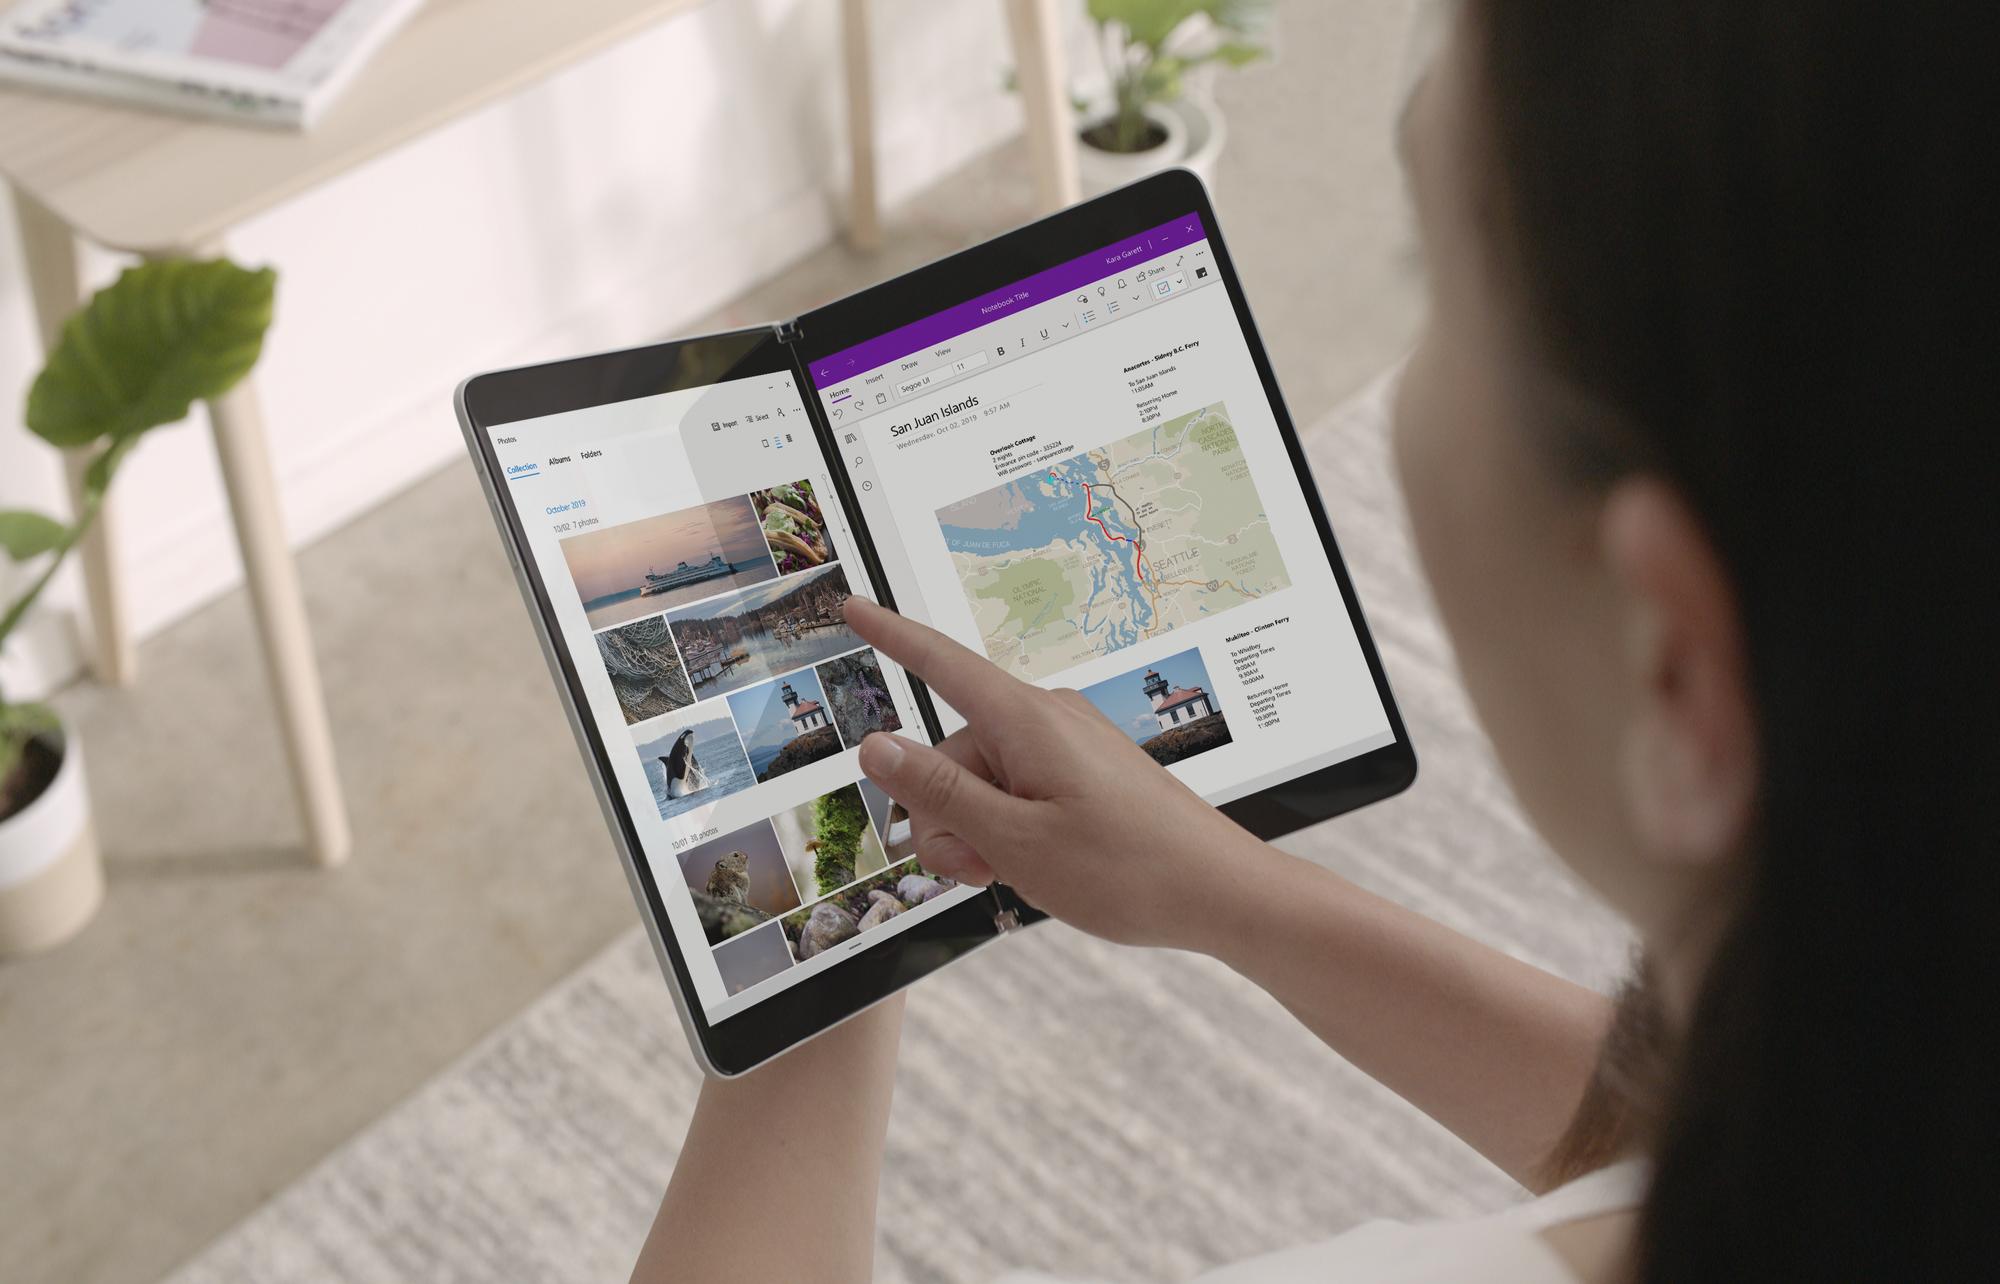 Eine Frau tippt mit dem Finger auf den Bildschirm des Surface Neo.